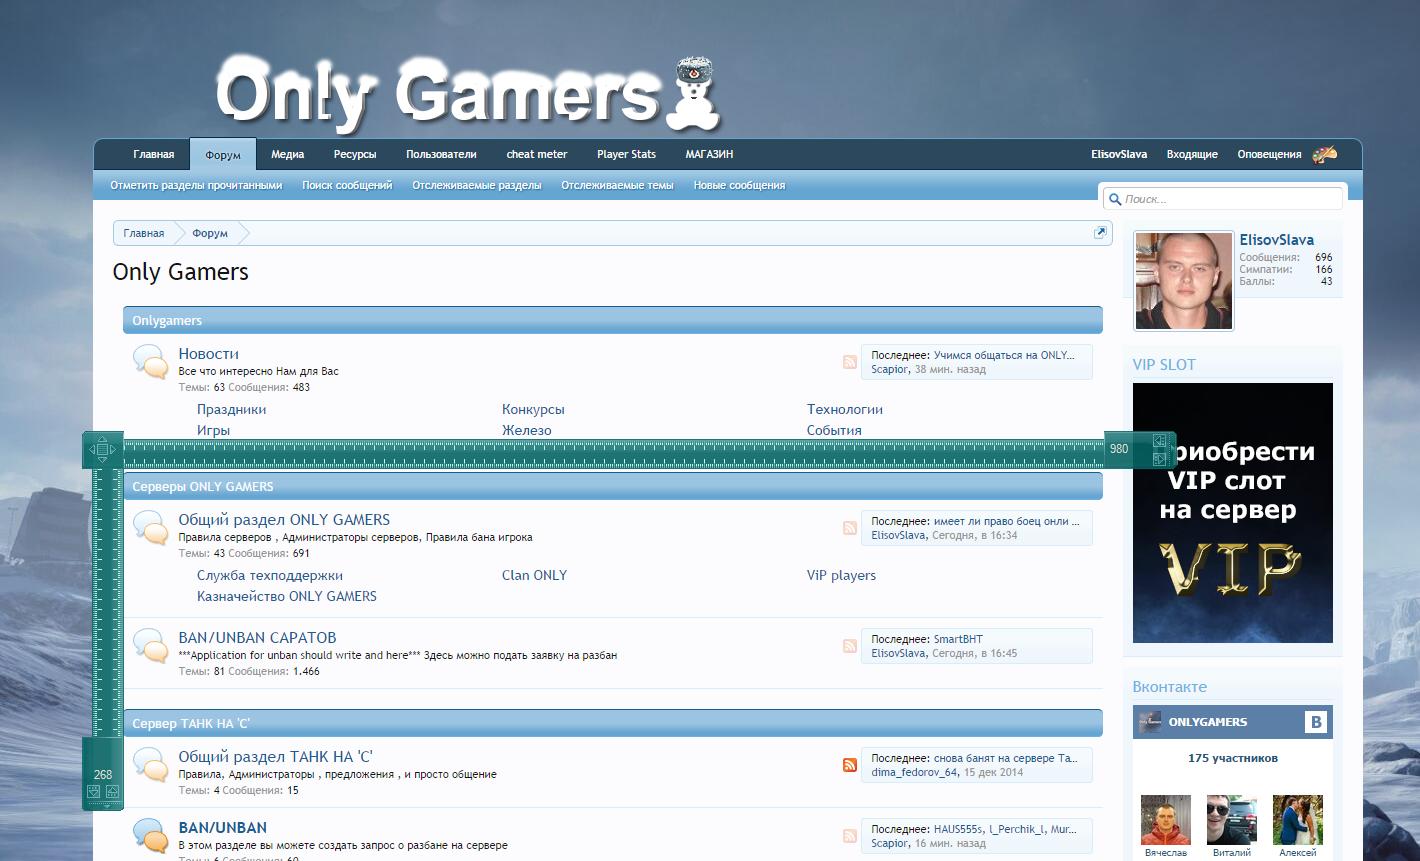 2014-12-30 21-30-09 Скриншот экрана.png